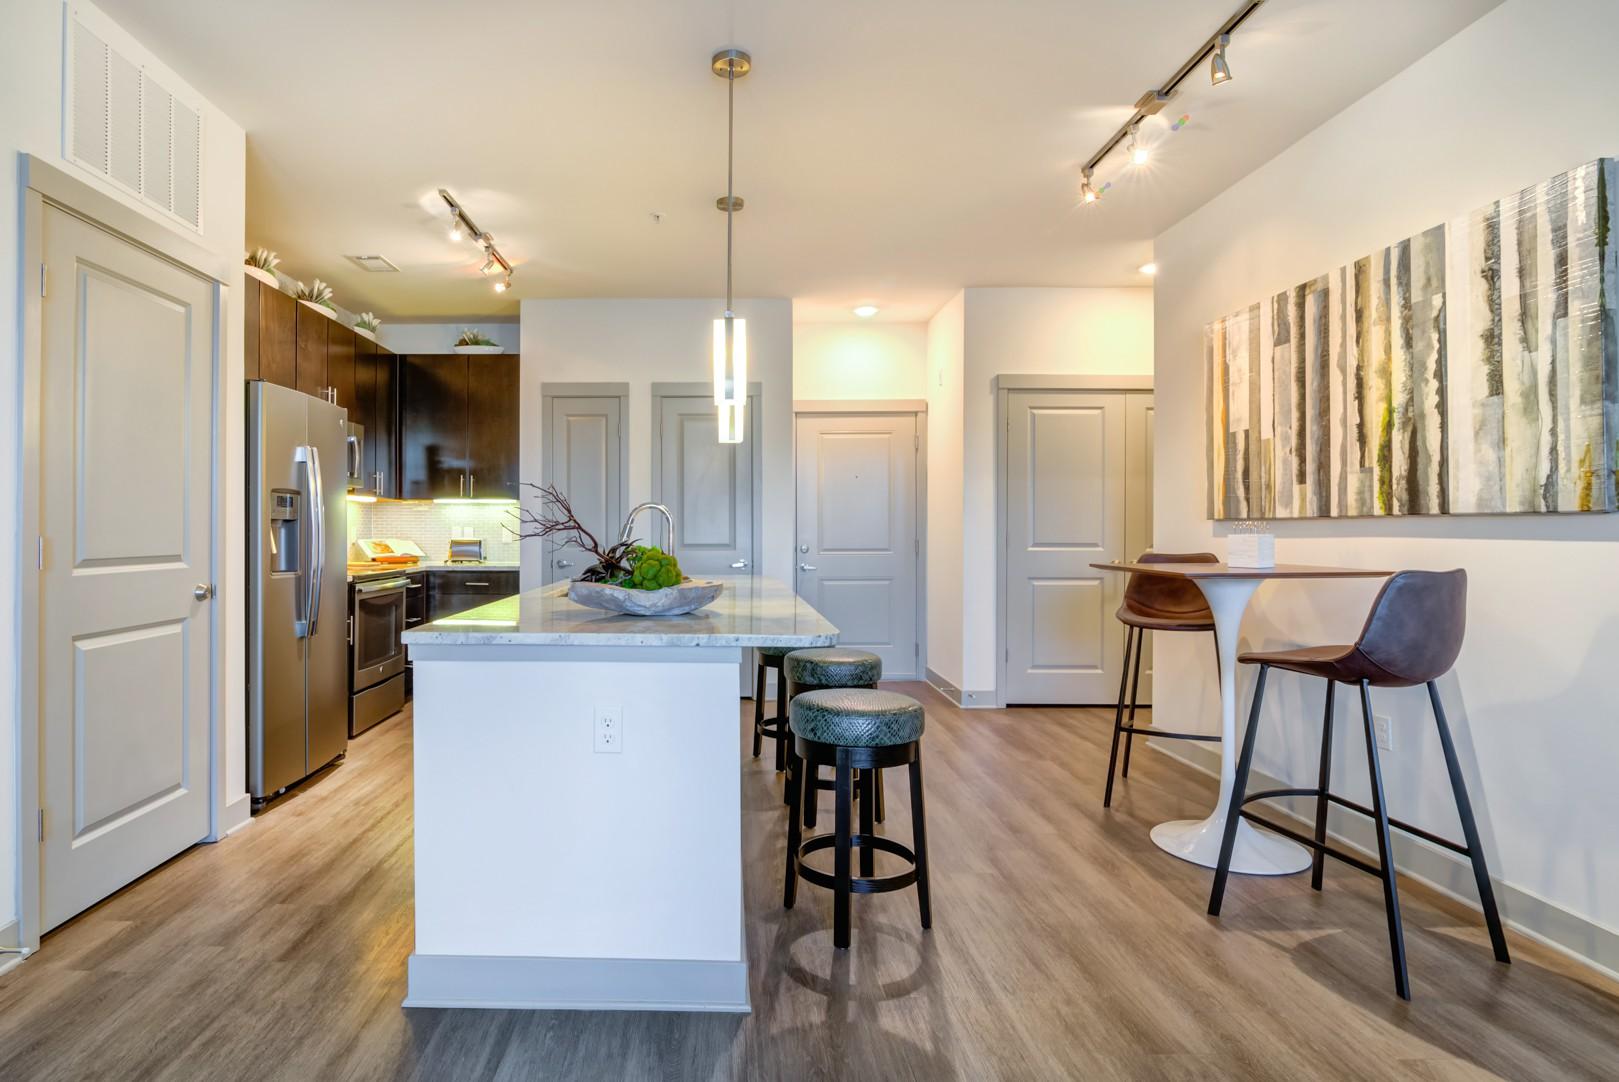 Apartments Near Vanderbilt Carillon for Vanderbilt University Students in Nashville, TN